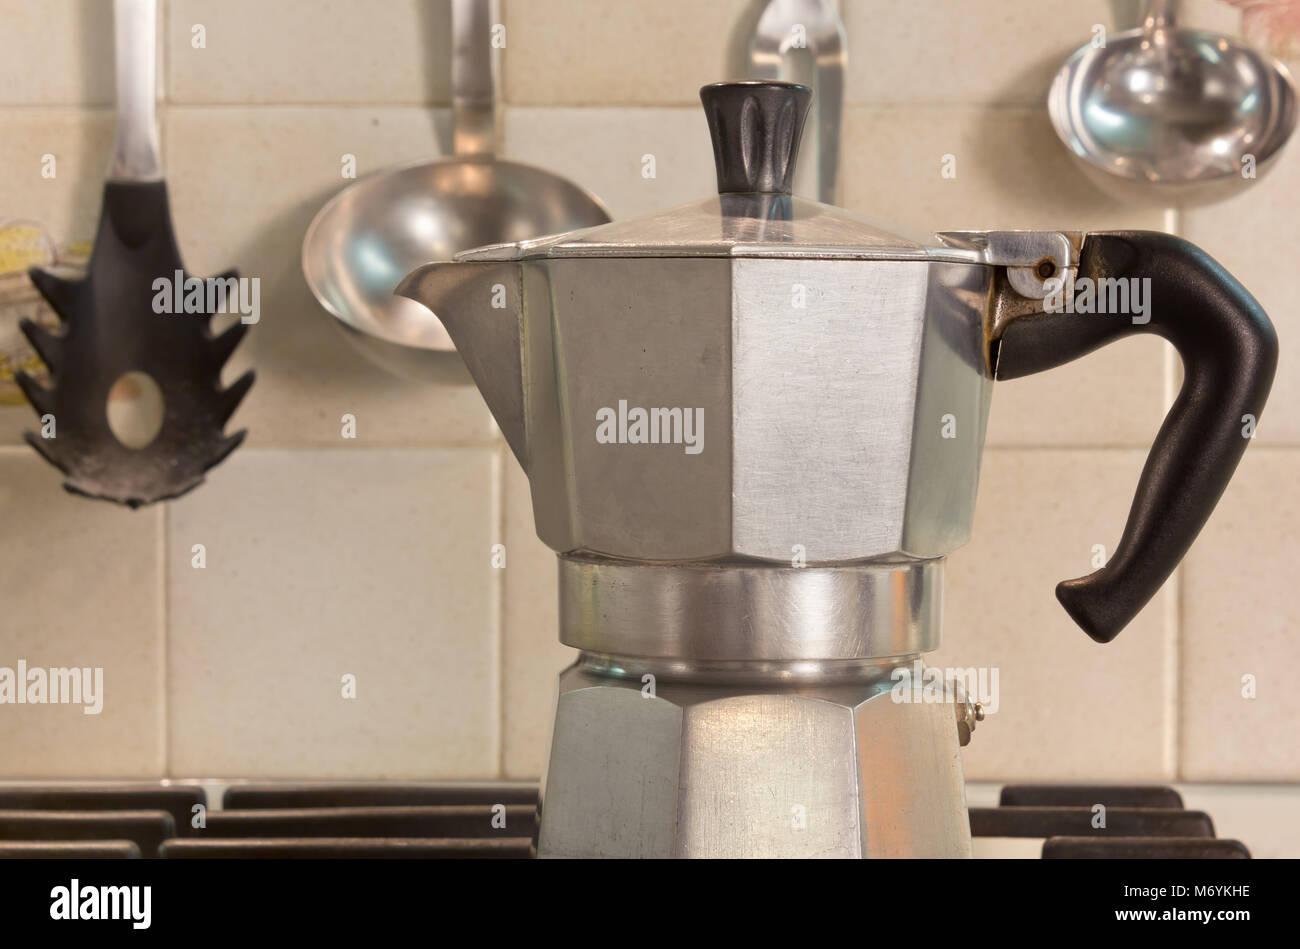 Close up de una cafetera italiana en la estufa en una cocina